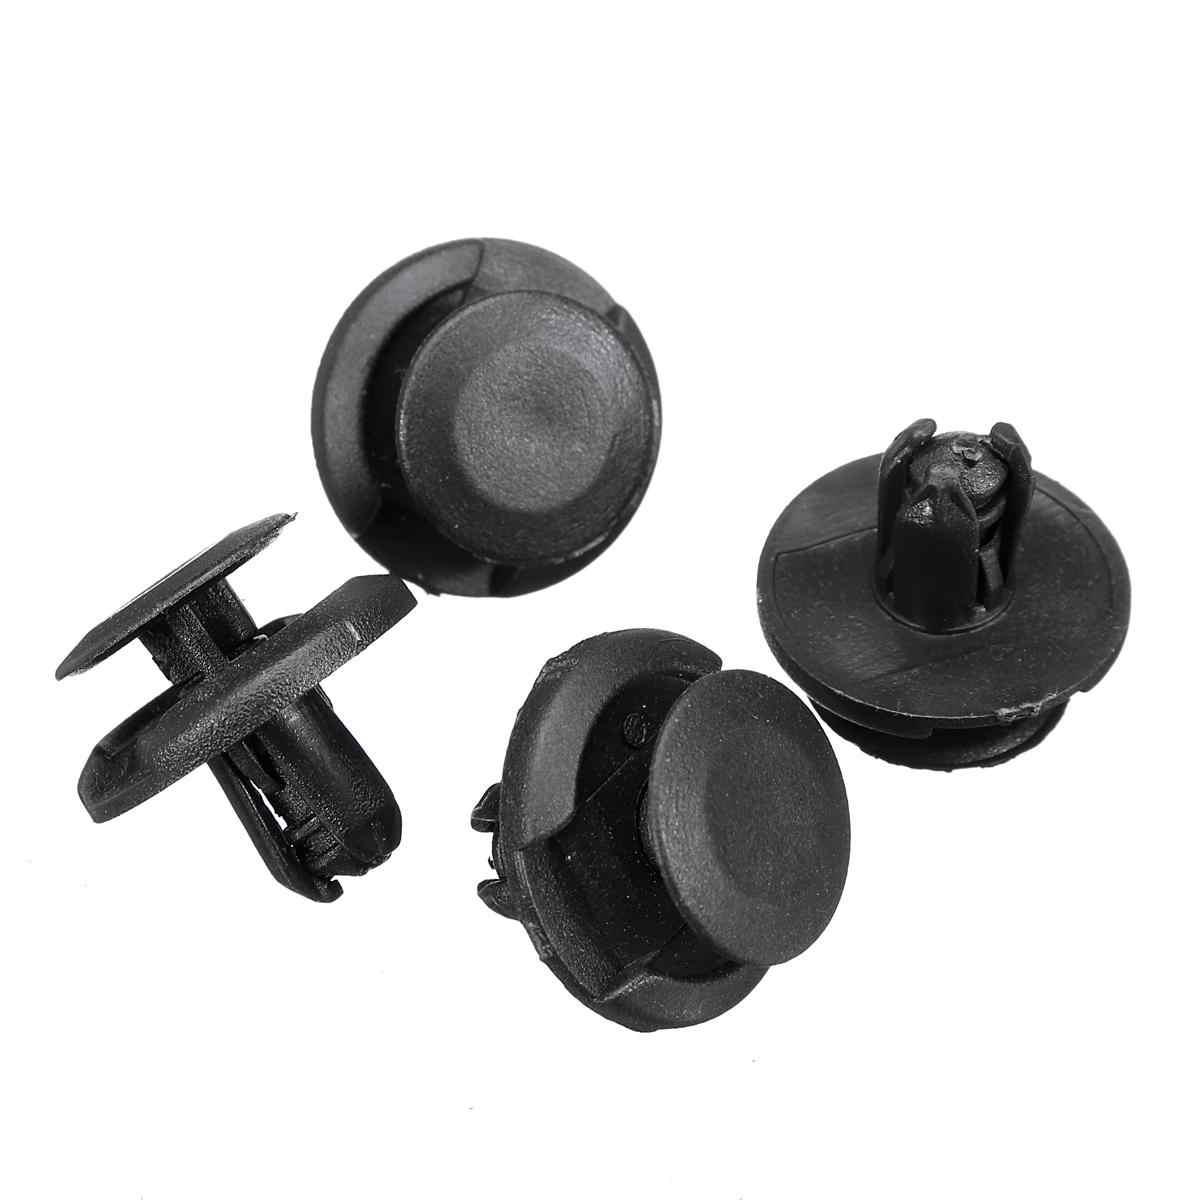 30/60 adet 7mm delikli tampon çamurluk push-tipi perçin tutucu tutturmak klipleri 09409-07332 Suzuki Grand vitara SX4 hızlı X-90 XL-7